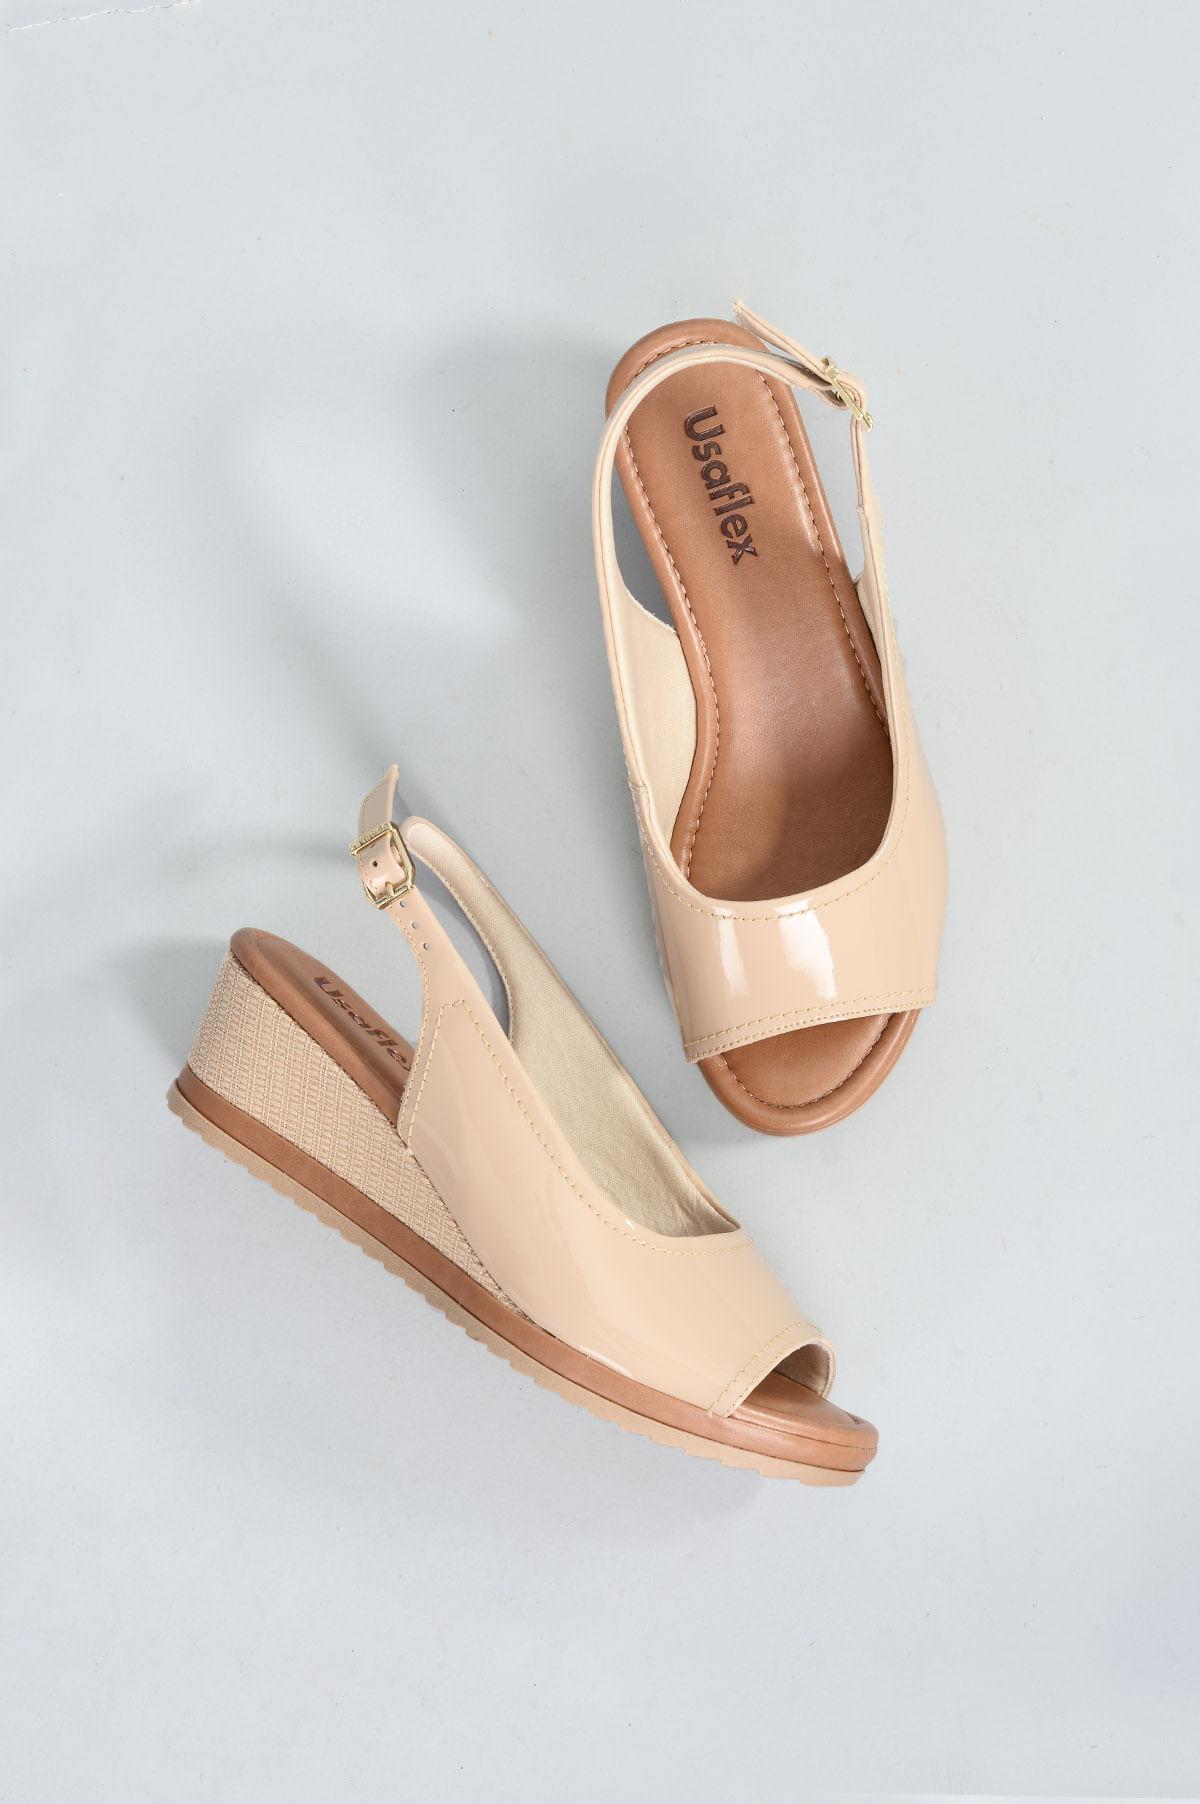 7bcbd0c41b Sandália Feminina Anabela Yone Usaflex VERNIZ - NUDE - Mundial Calçados